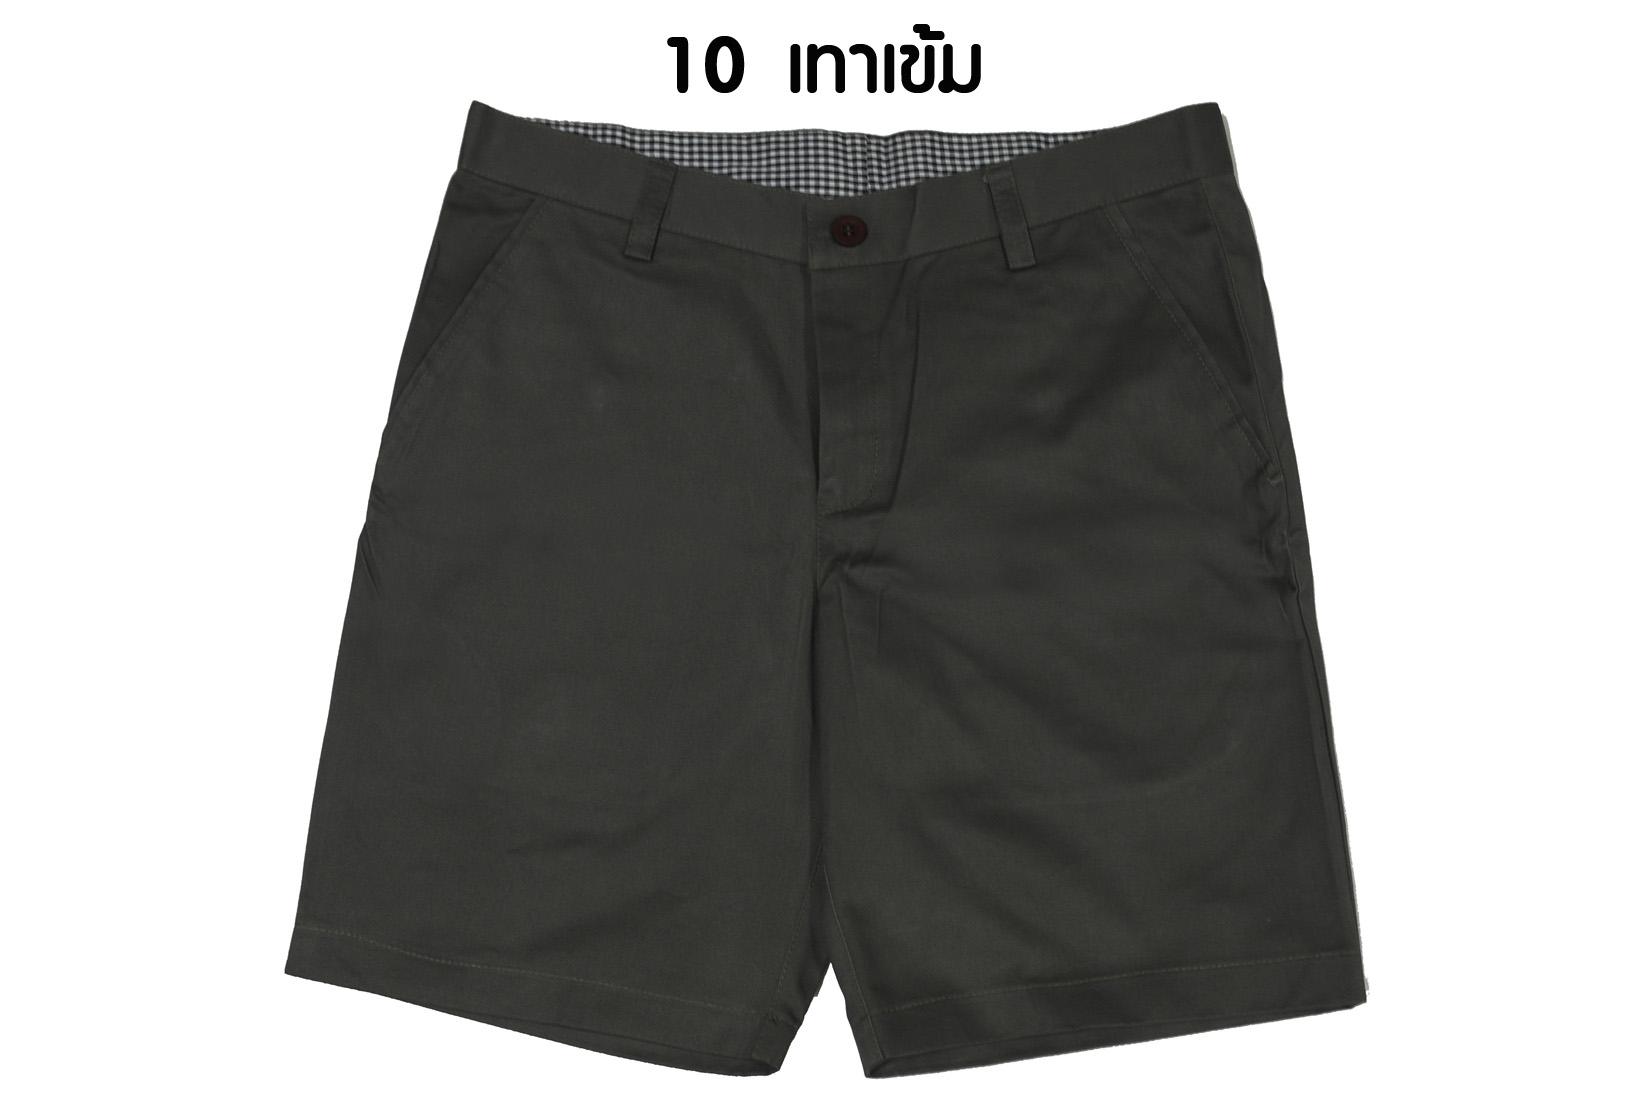 กางเกงขาสั้น รุ่น 510 (สีเทาเข้ม)